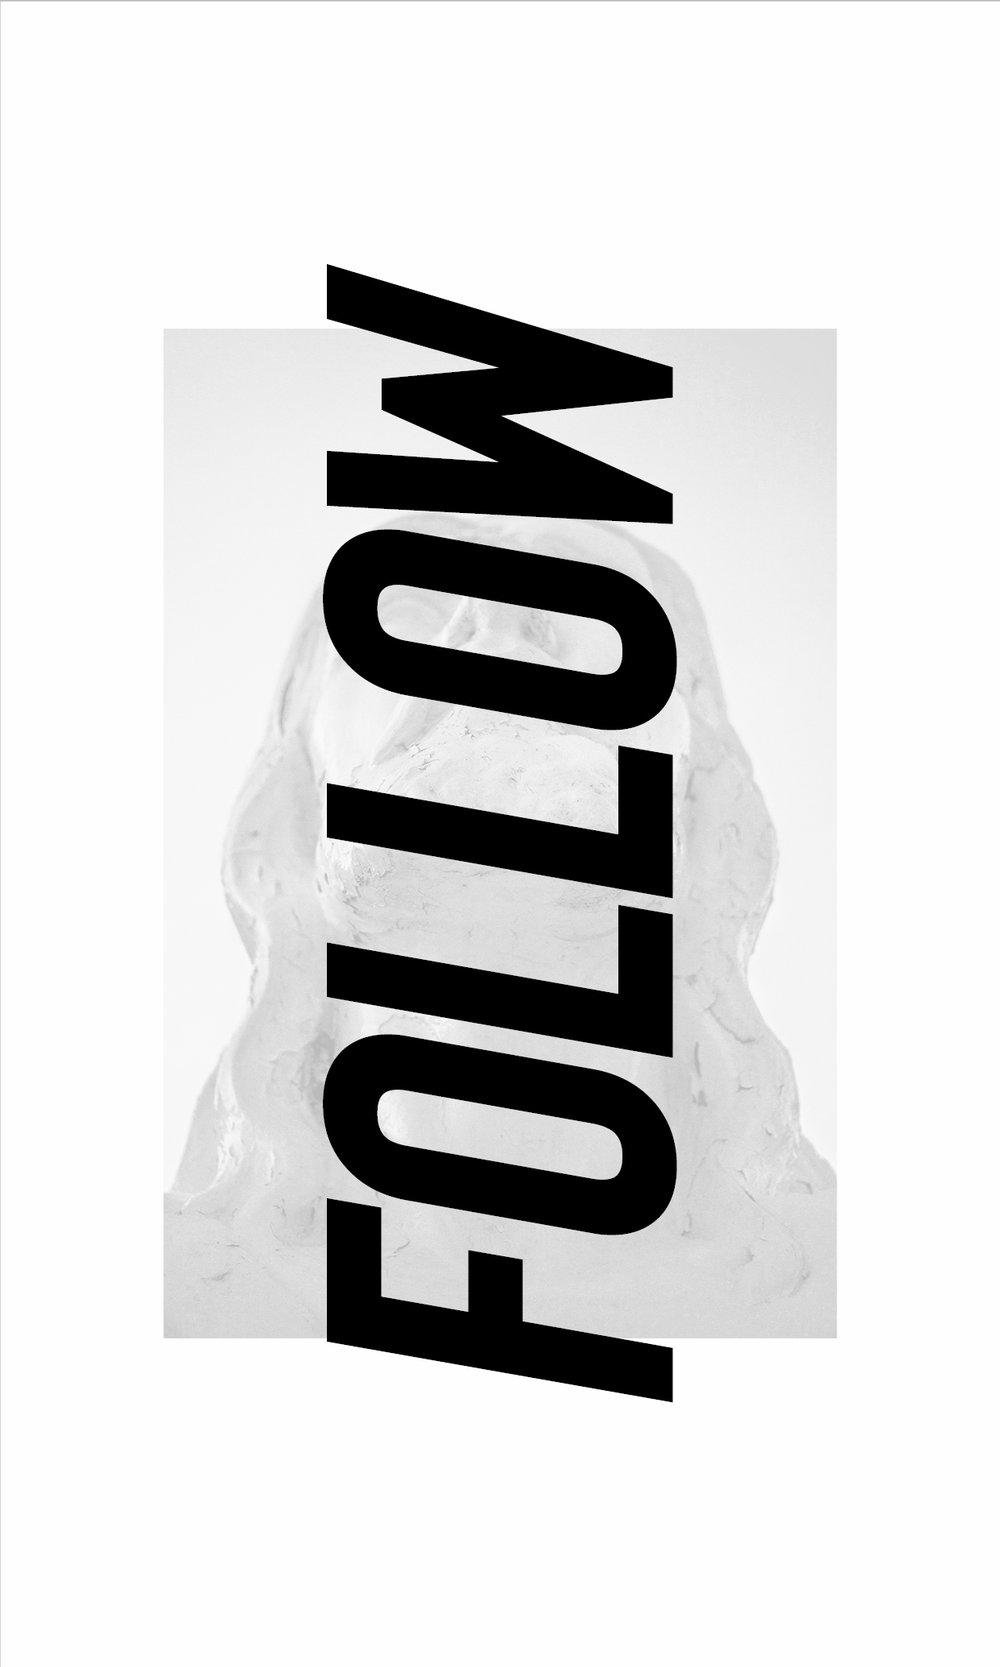 follownew4.jpg